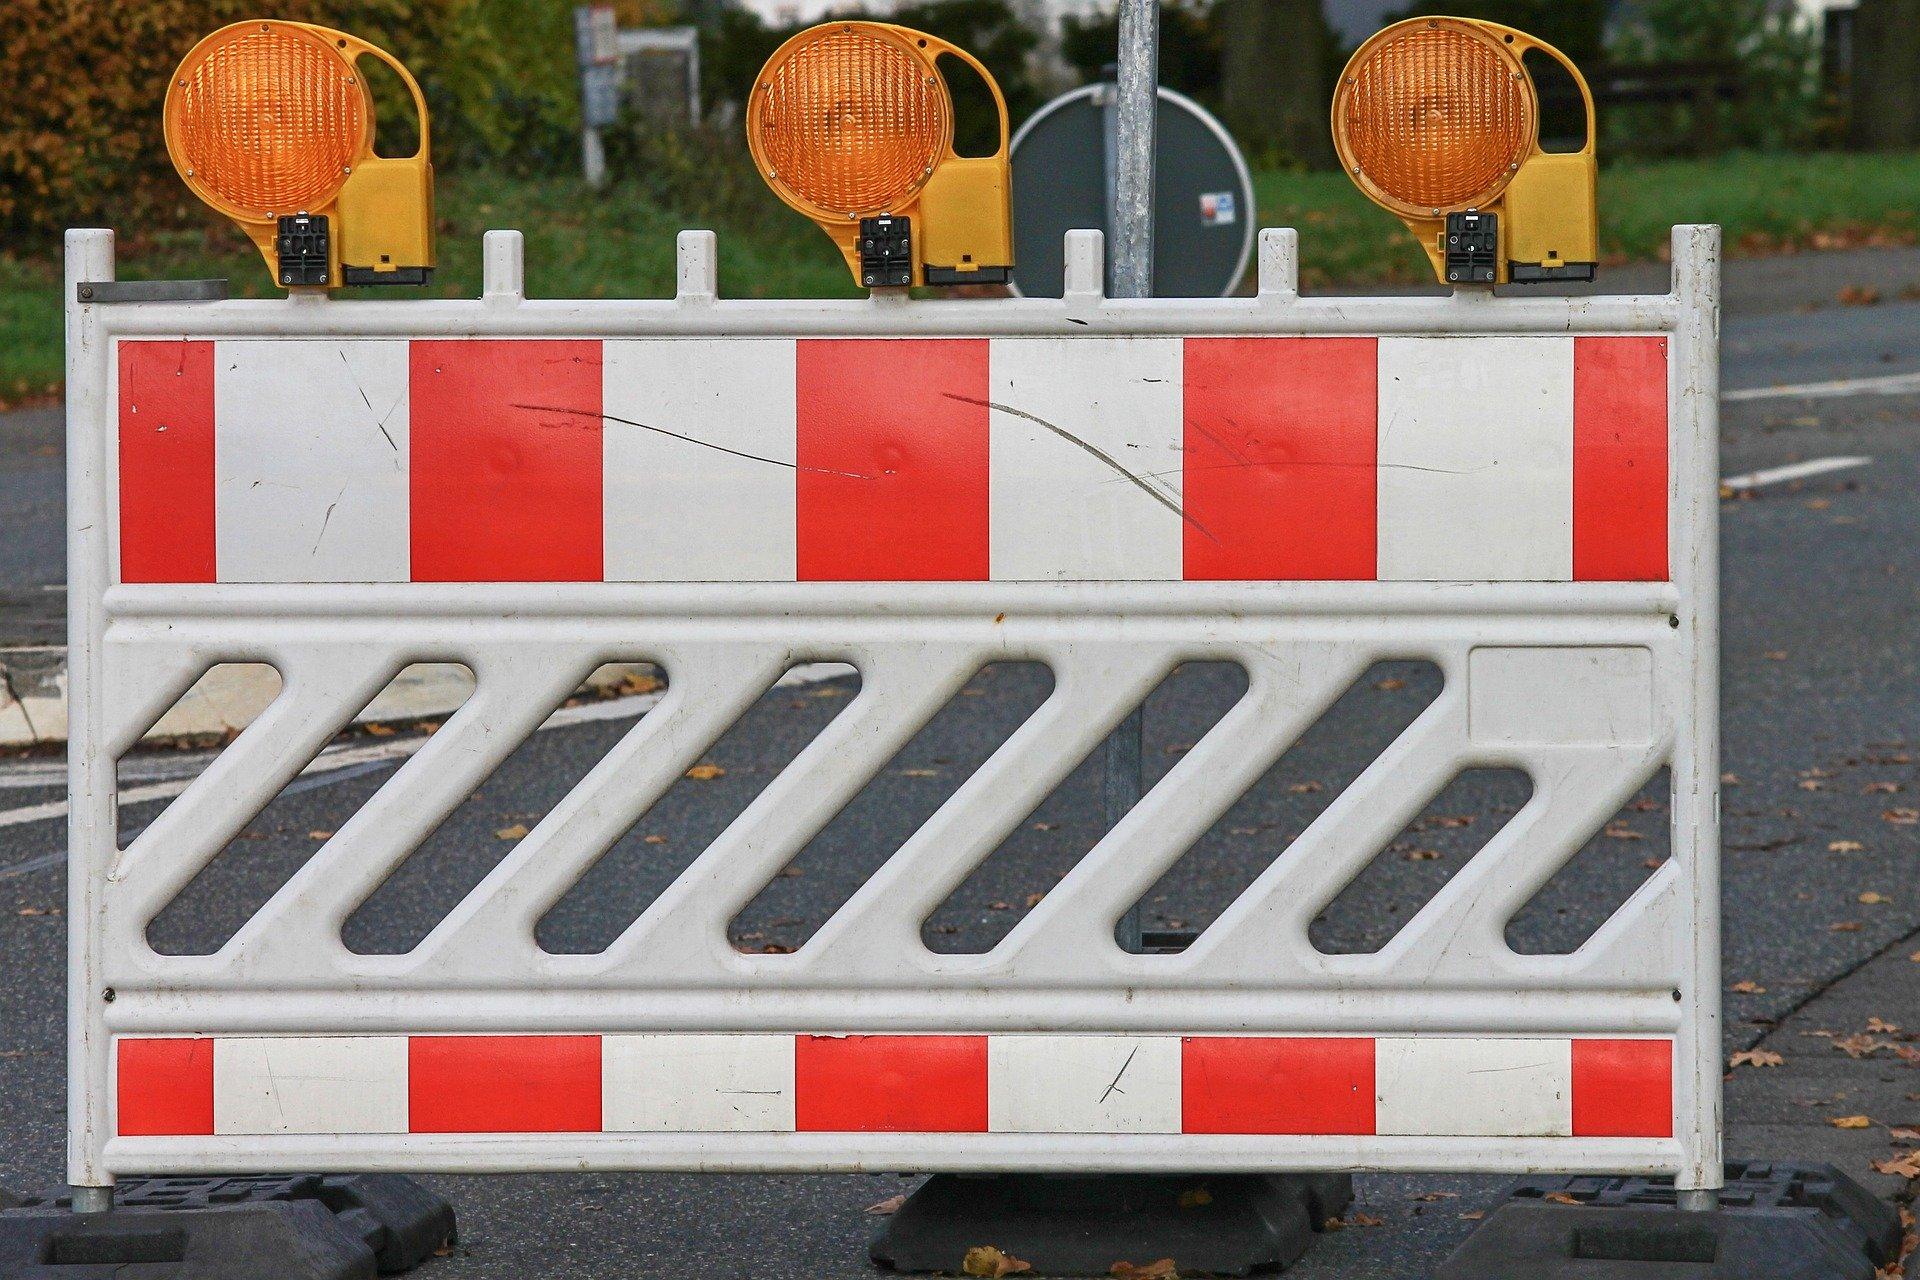 Straßensperrung. Bildquelle: Manfred Richter/Pixabay